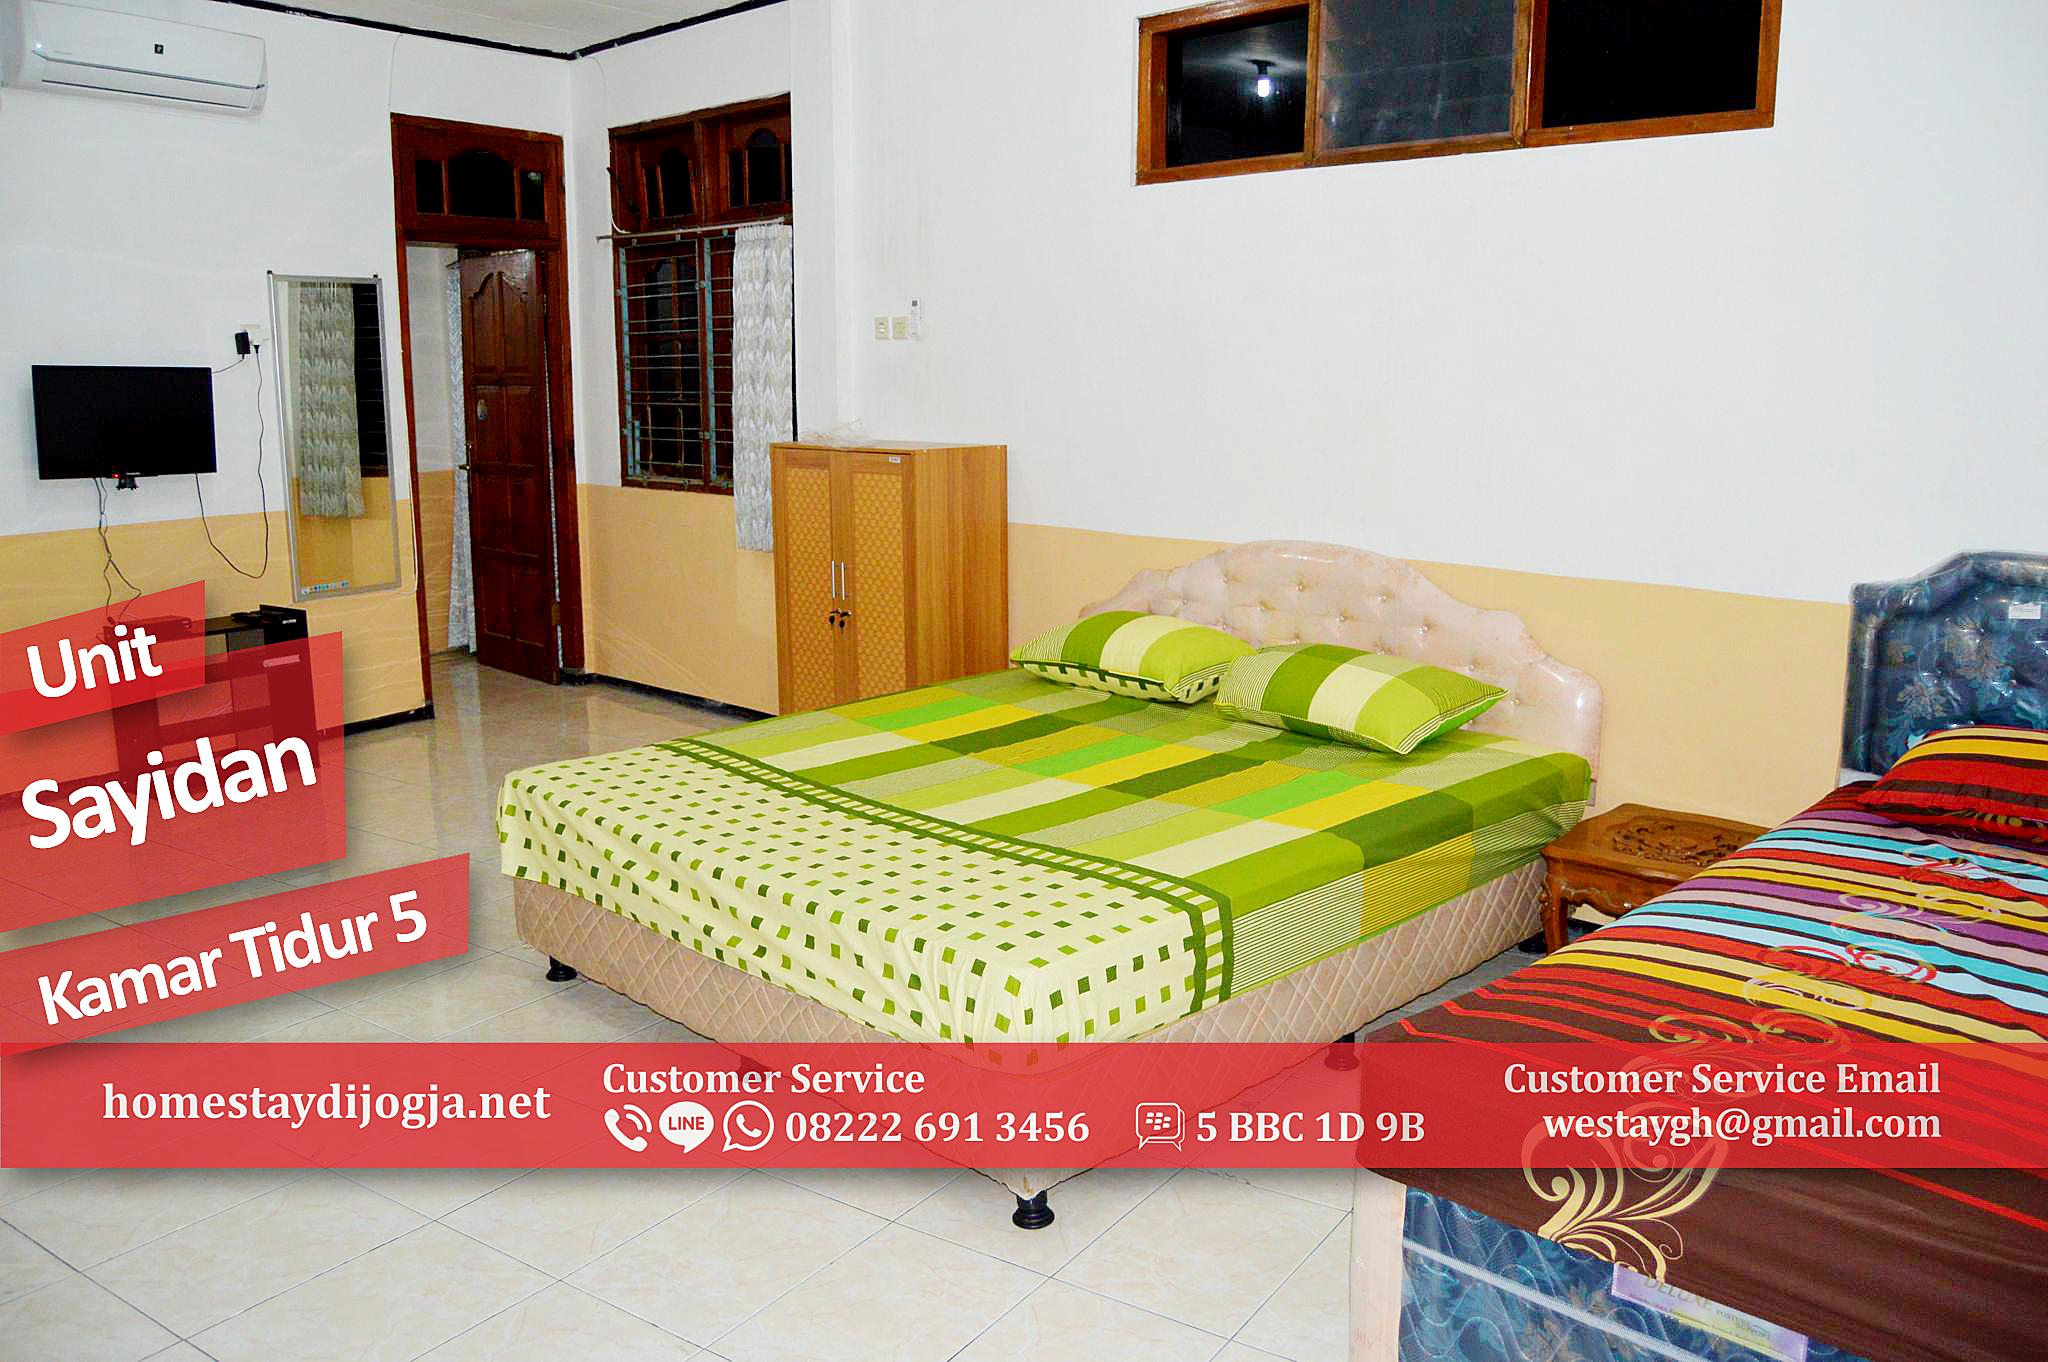 Guest House 5 Kamar Tidur di Sayidan 15 menit jalan kaki ke Malioboro